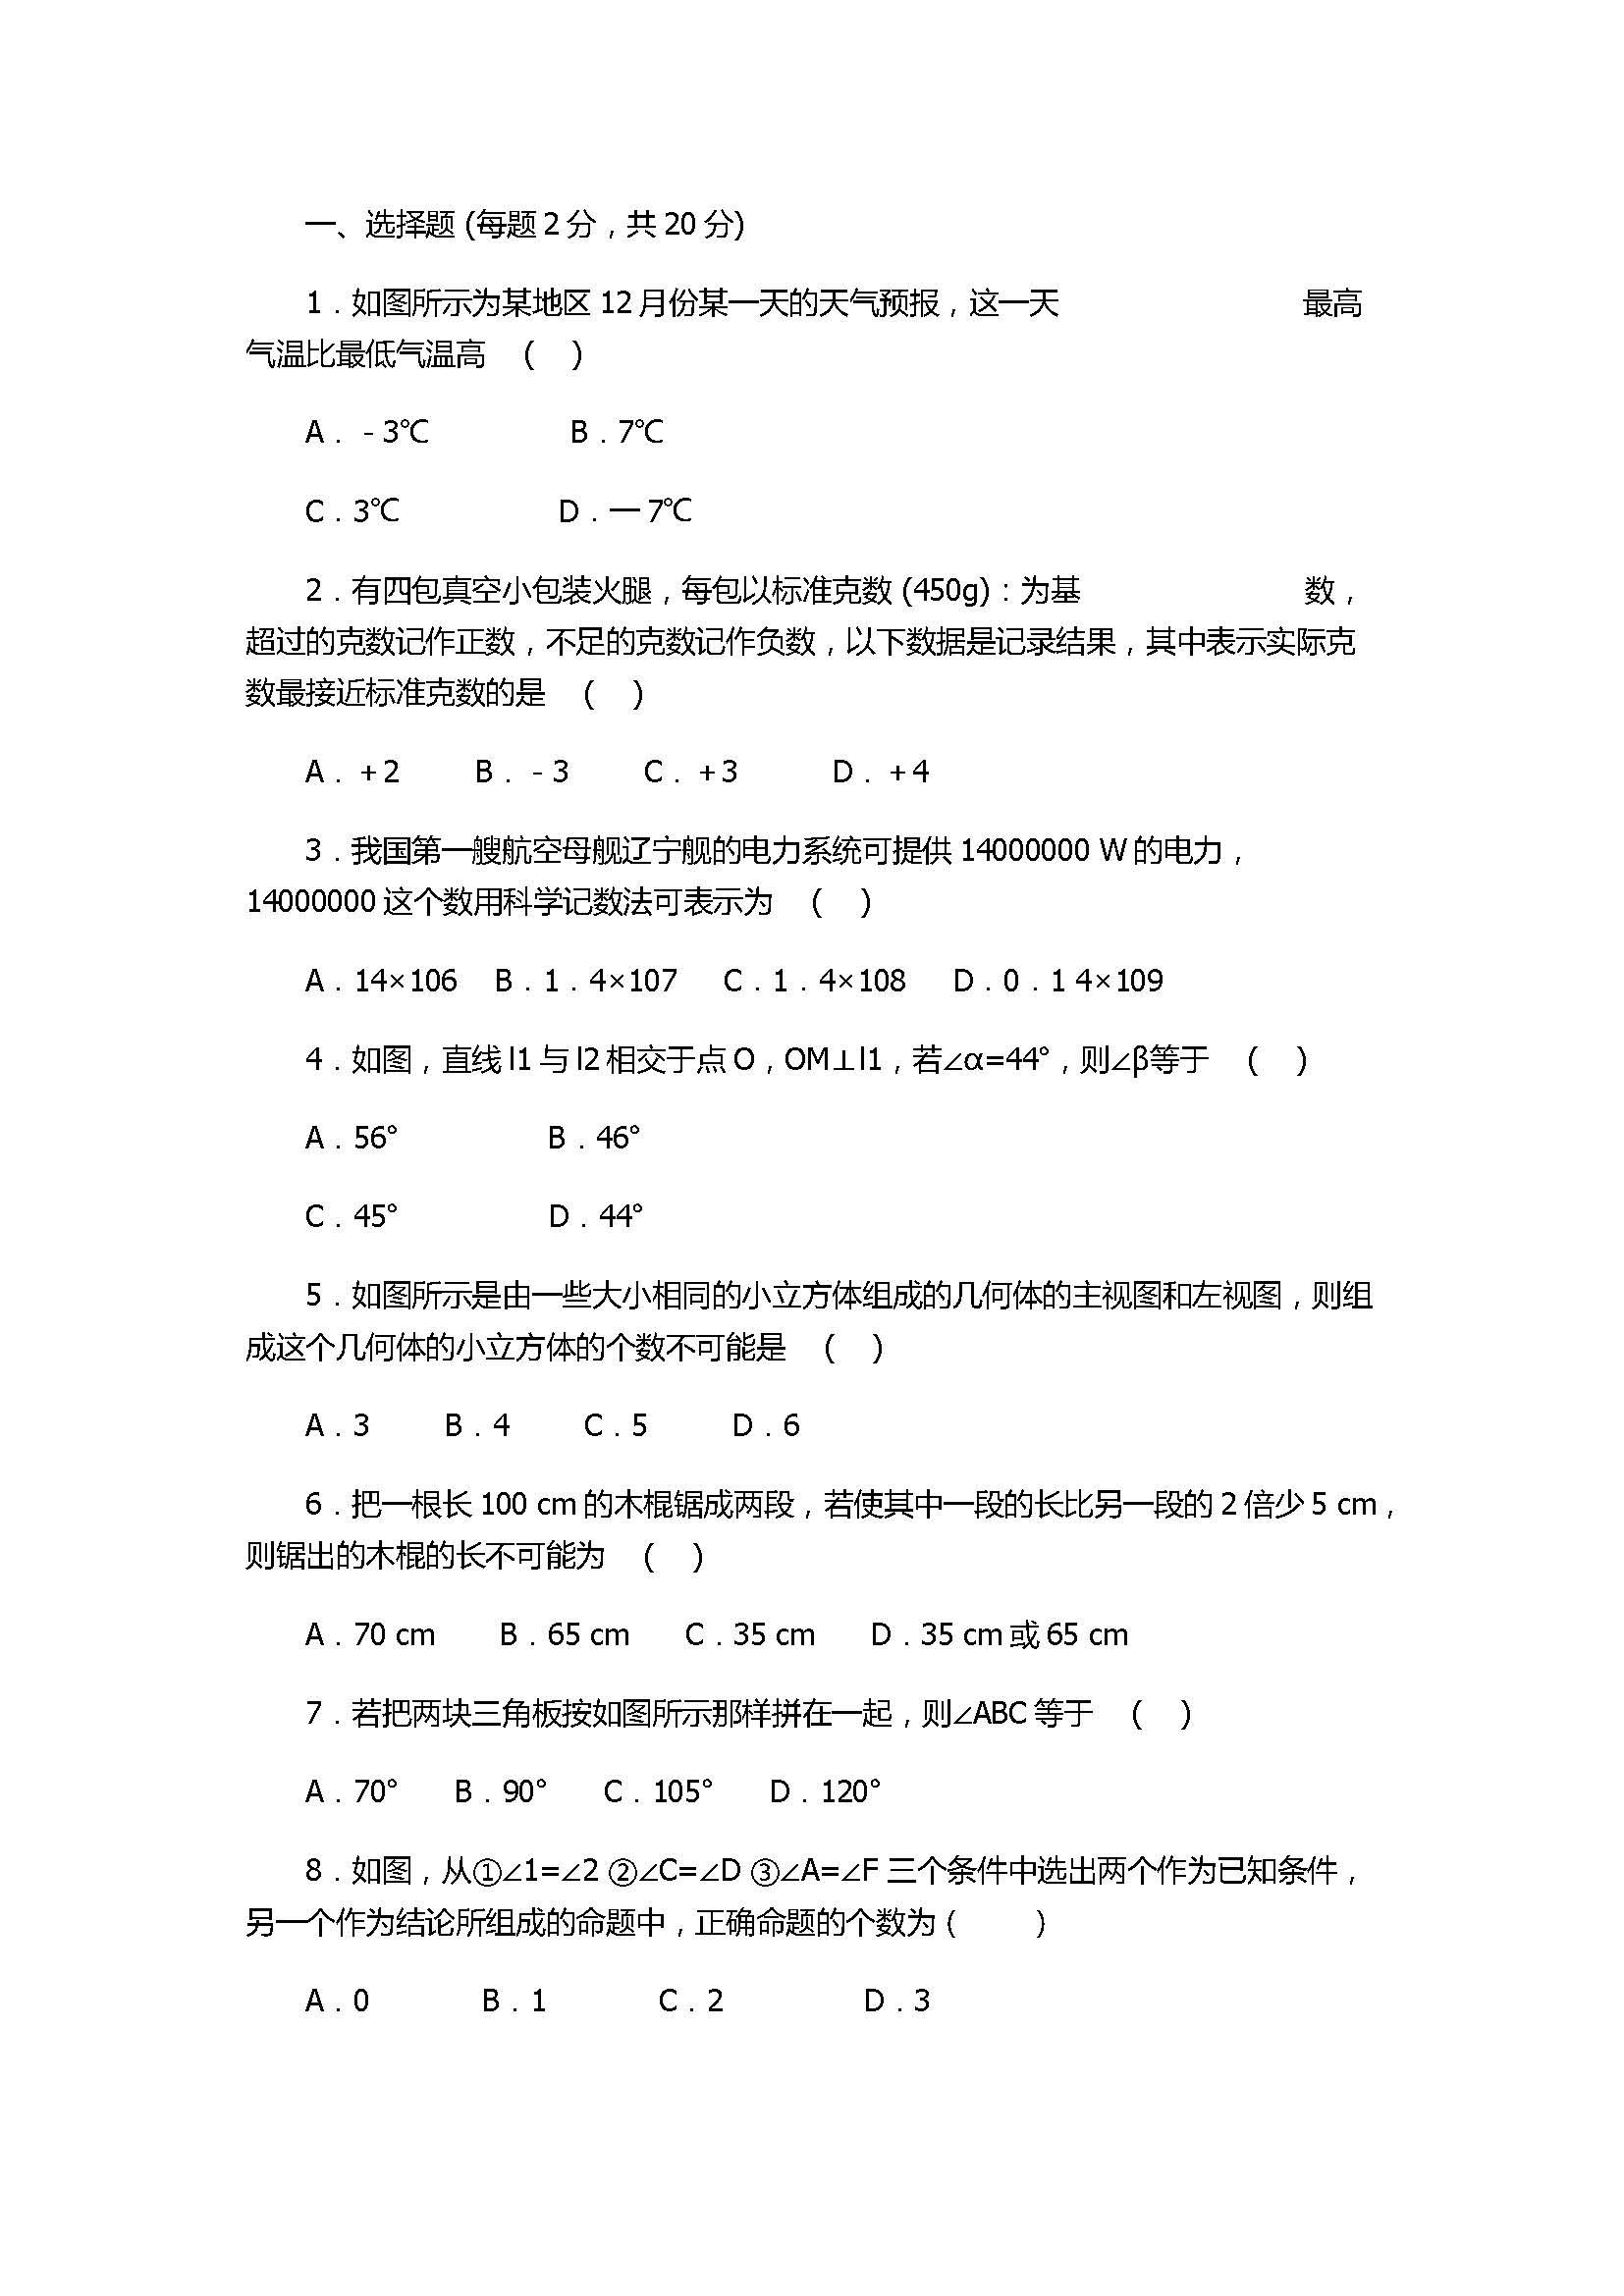 2017七年级数学期末测试卷附参考答案